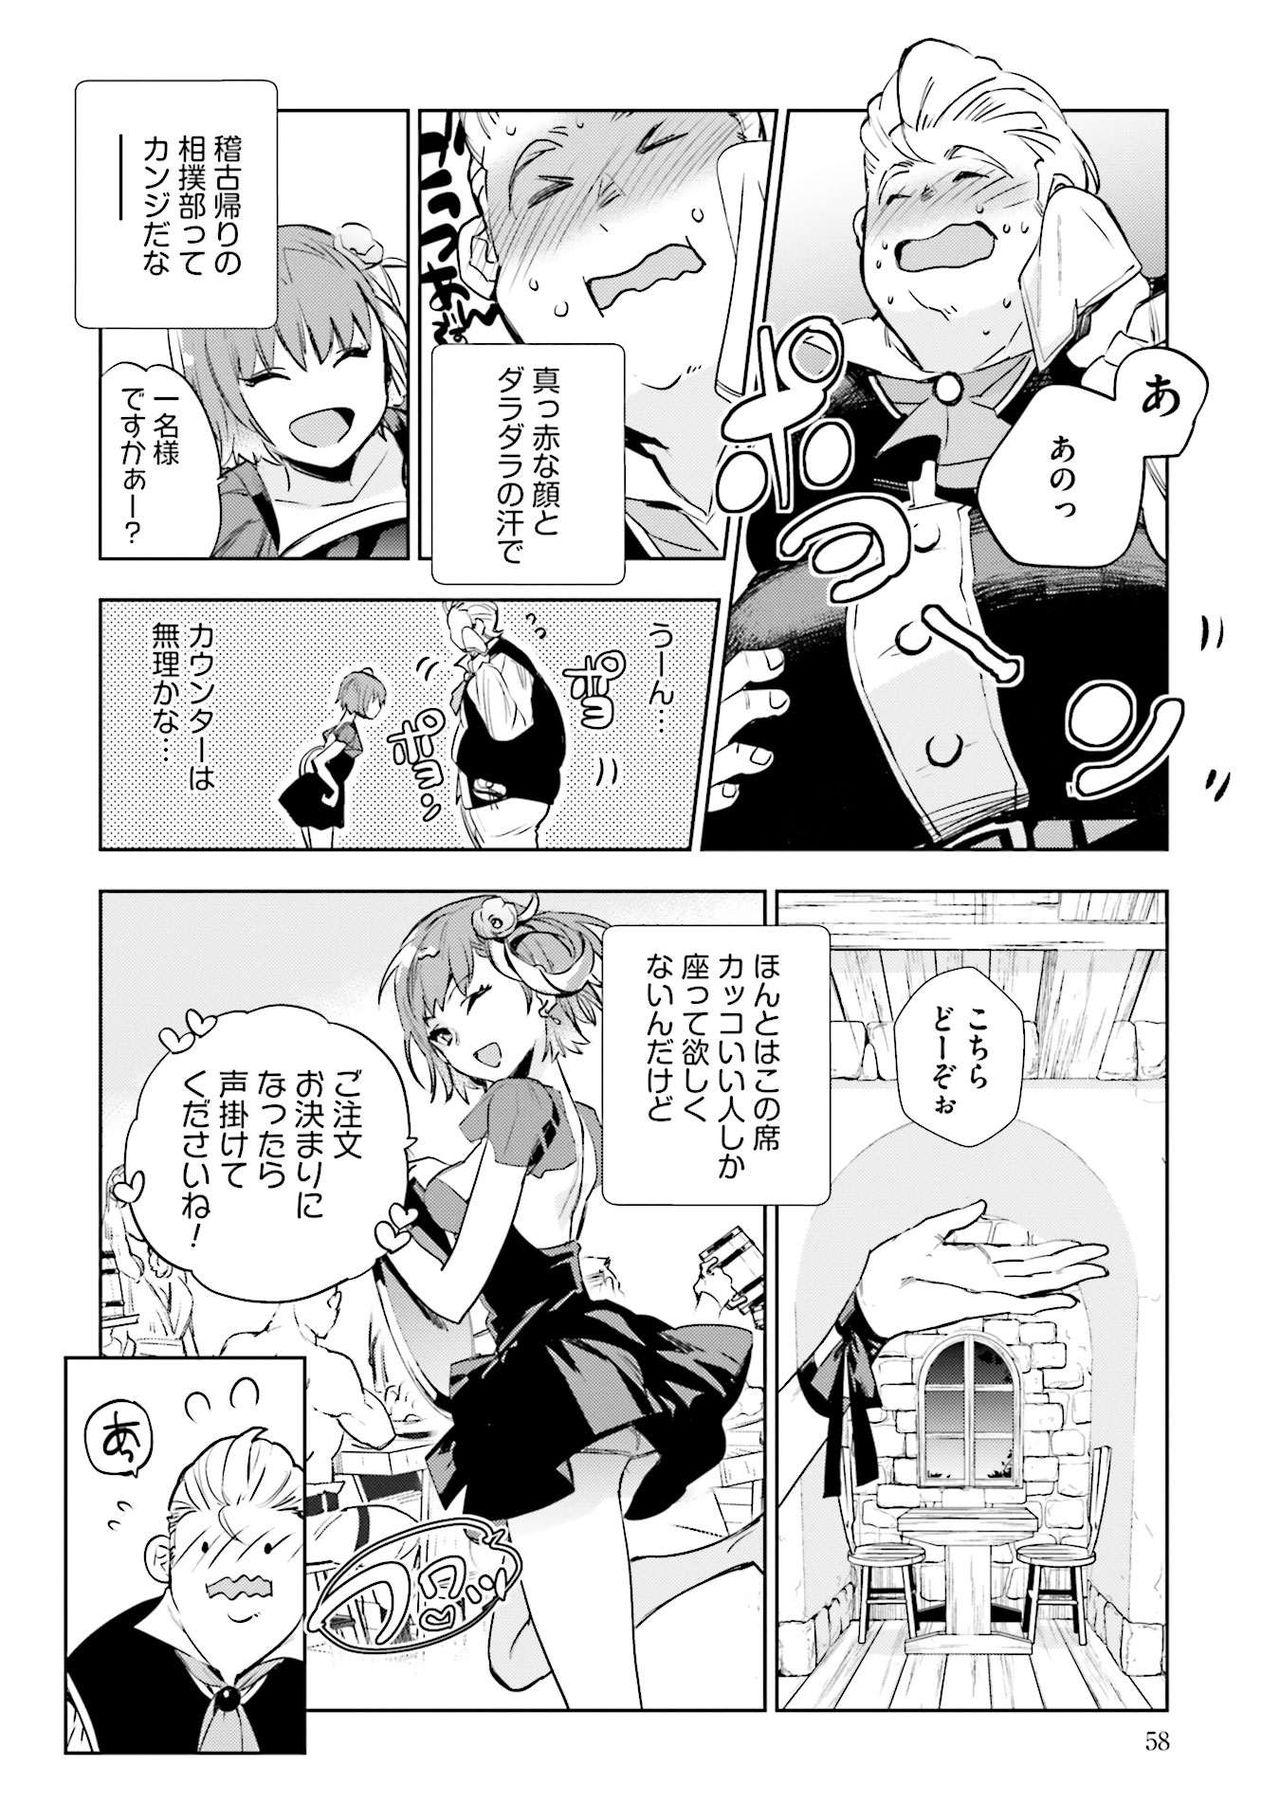 JK Haru wa Isekai de Shoufu ni Natta 1-14 59